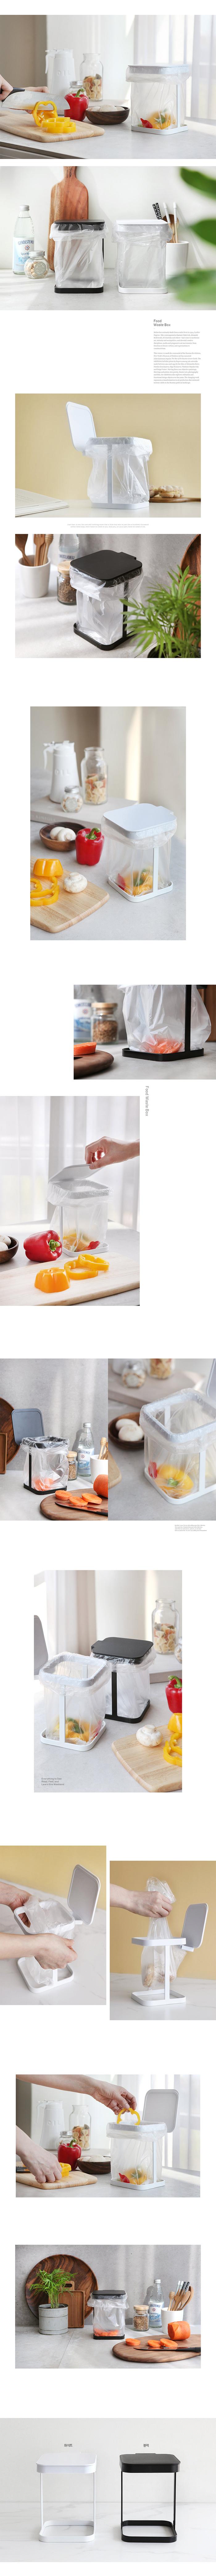 푸코 음식물 비닐봉투 거치 쓰레기통(2color) lovesweety - 꾸미기 좋은날, 12,000원, 휴지통, 휴지통